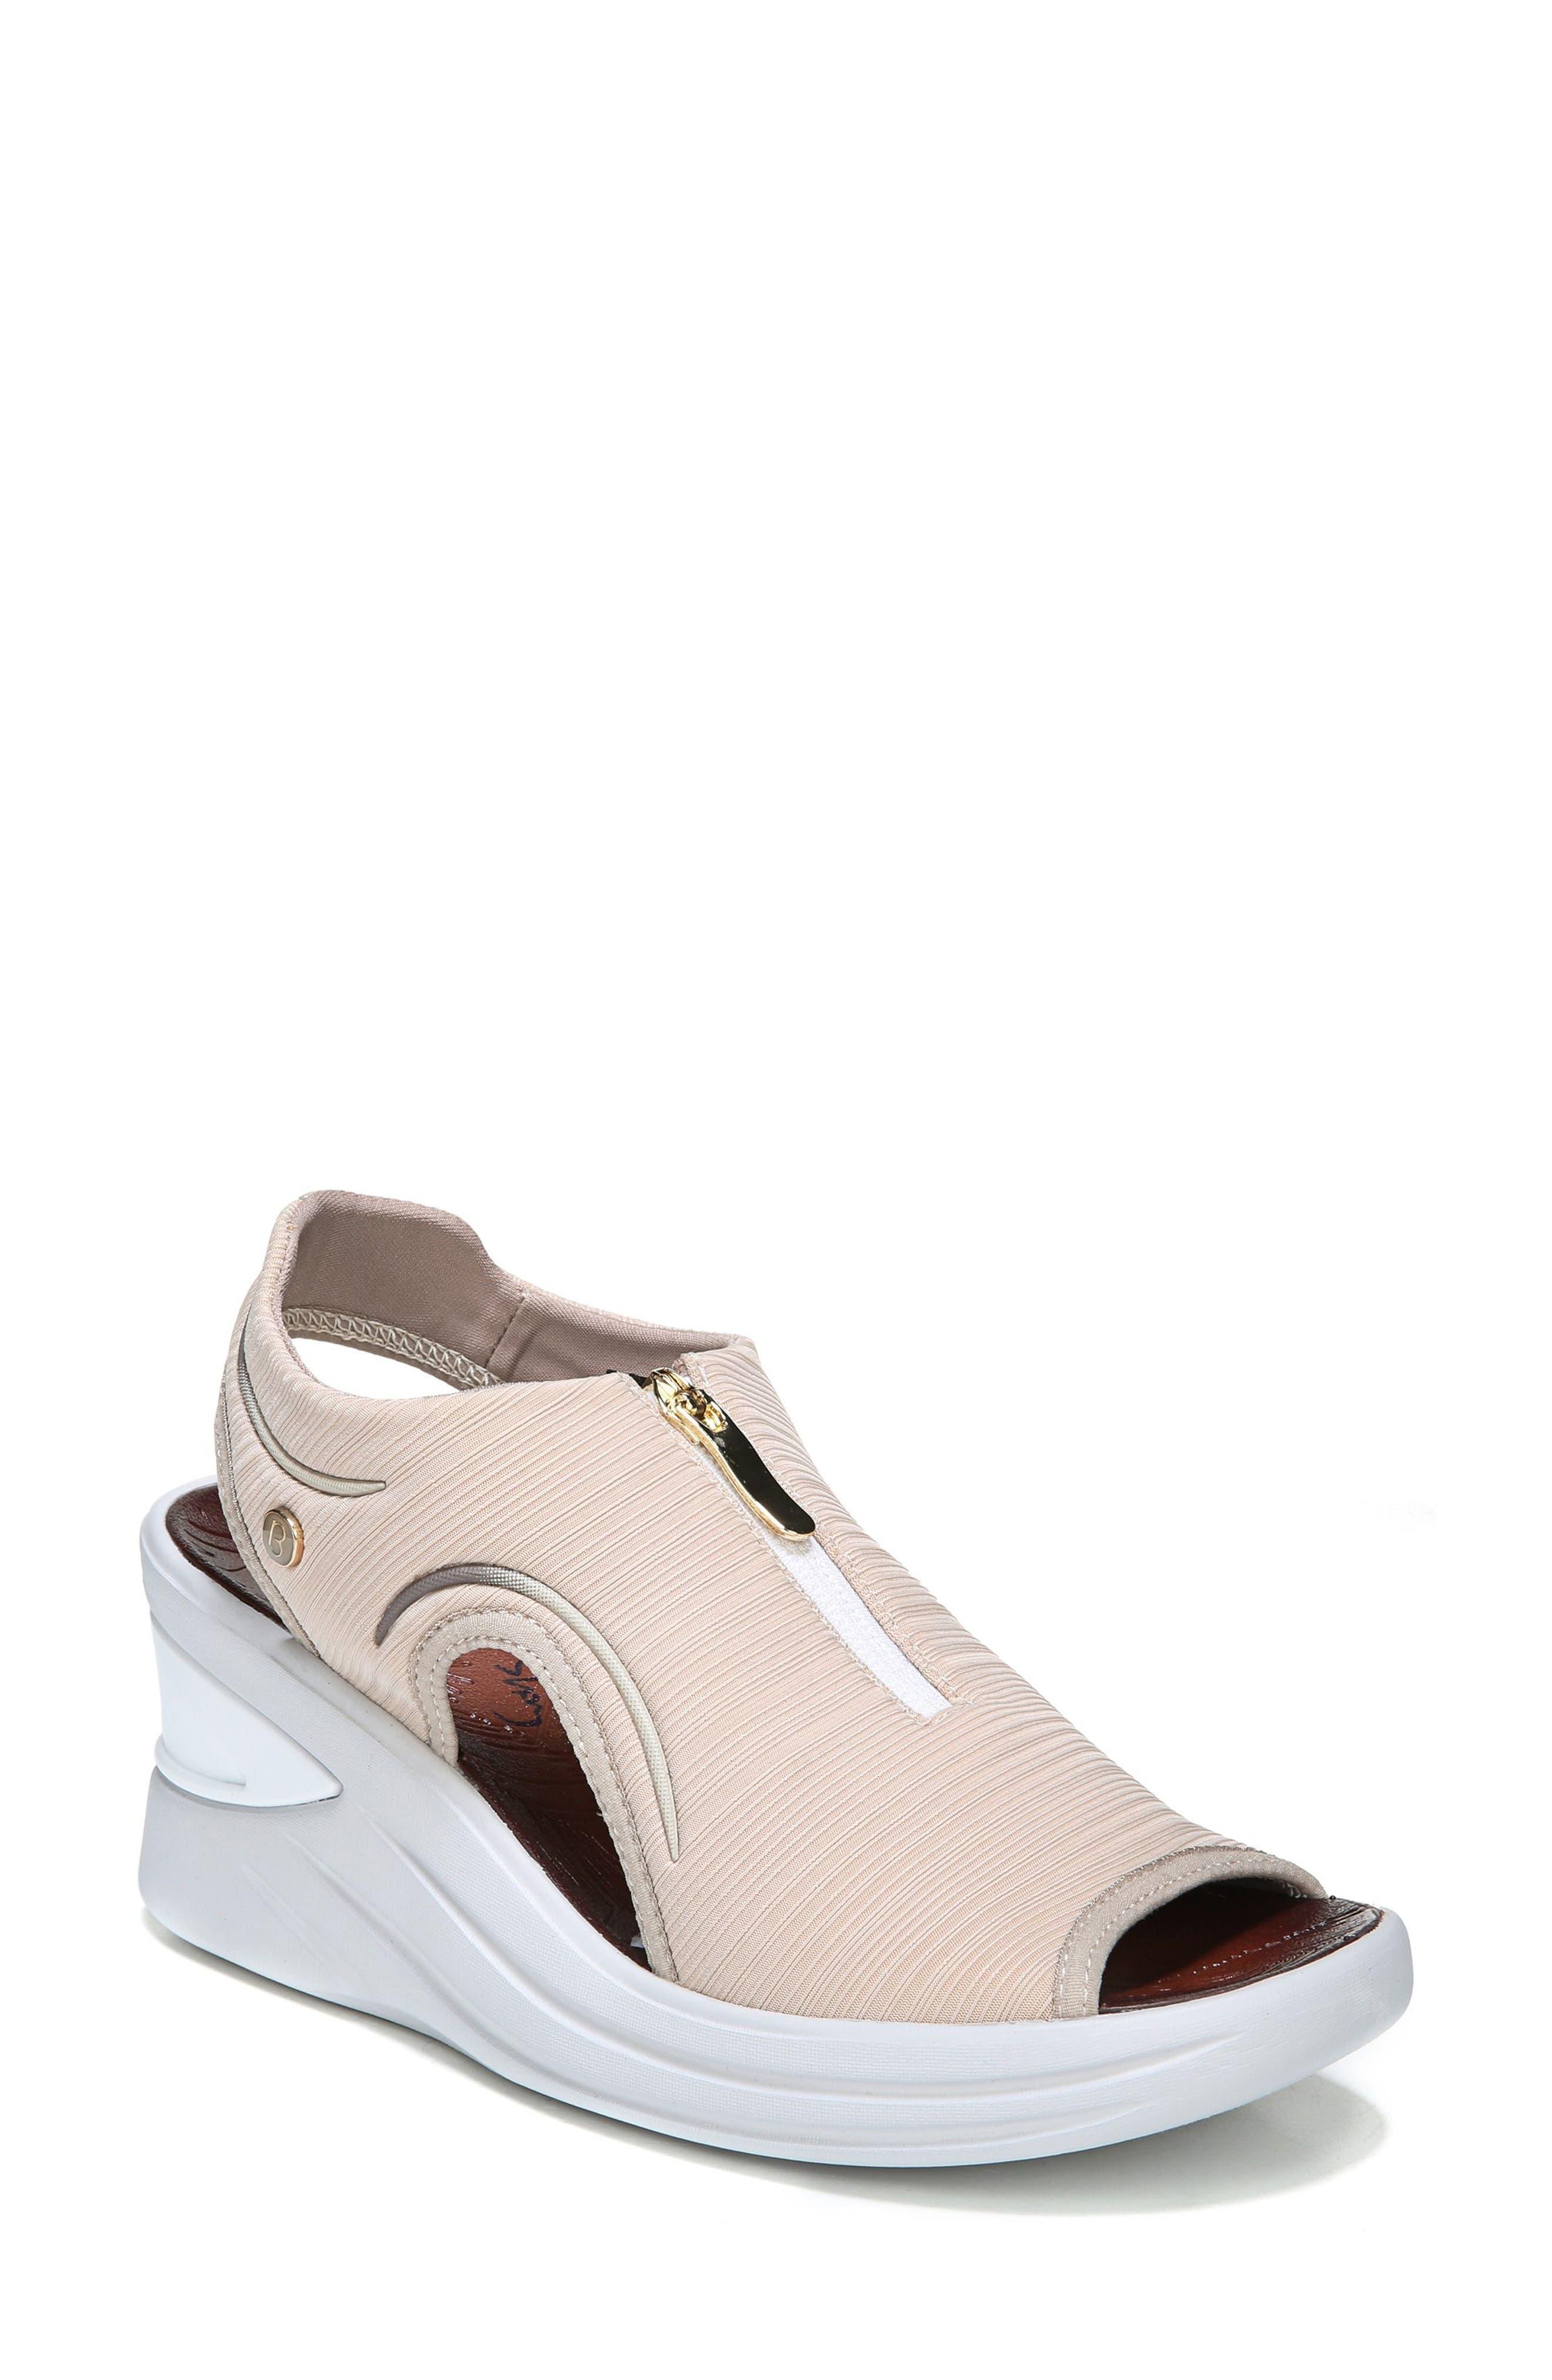 Vinny Wedge Sandal,                         Main,                         color, TAN FABRIC